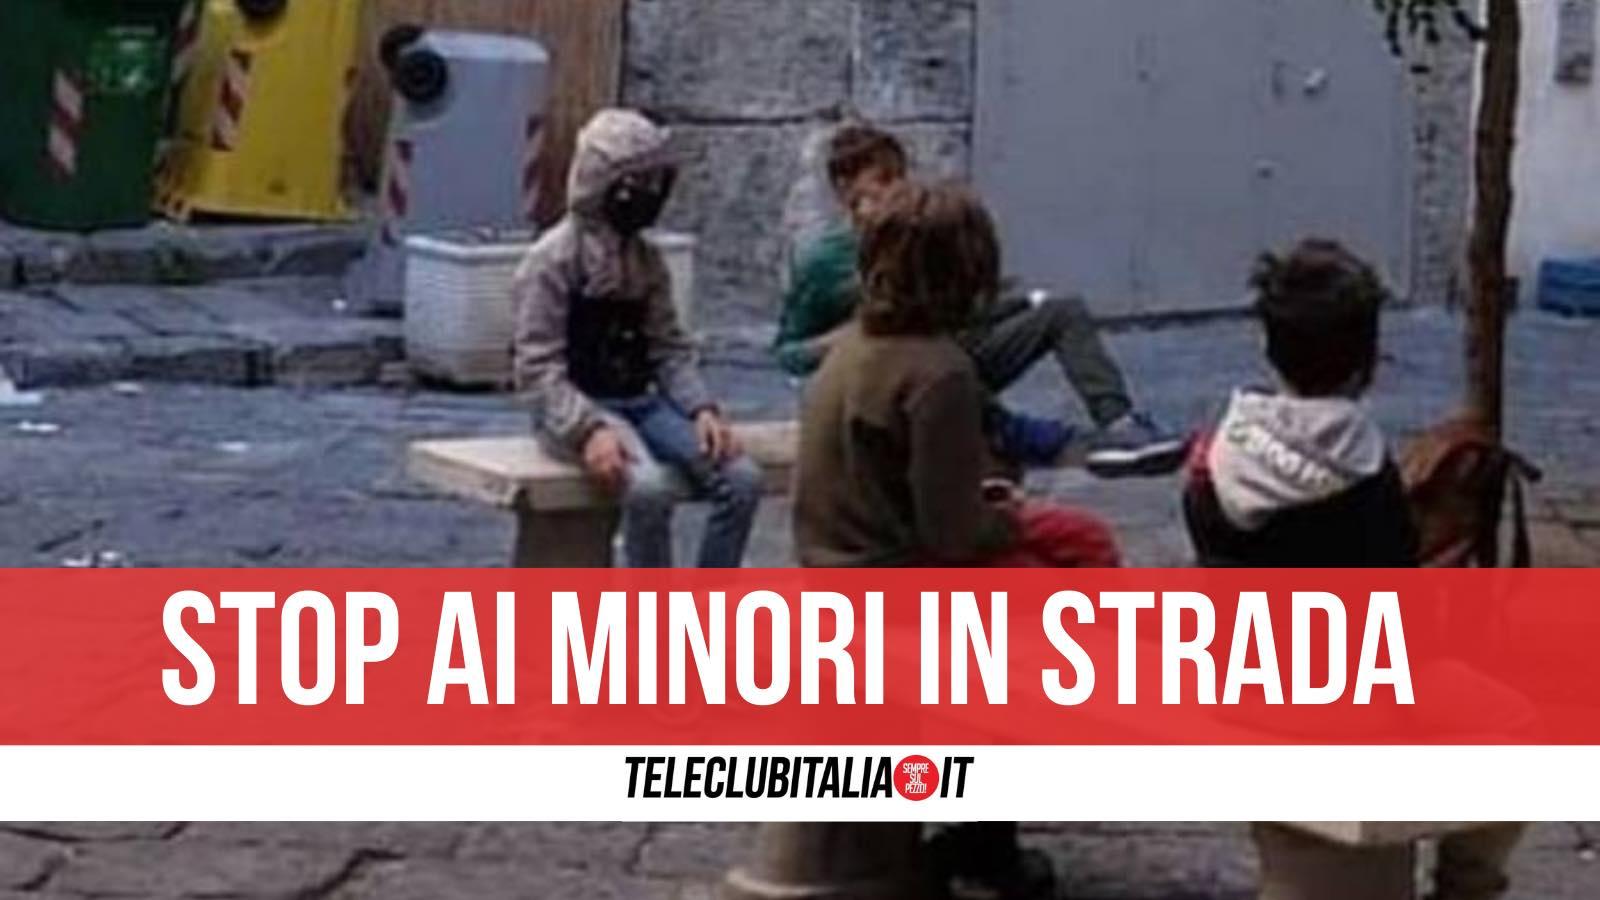 minori in strada stop ordinanza nicola pirozzi giugliano